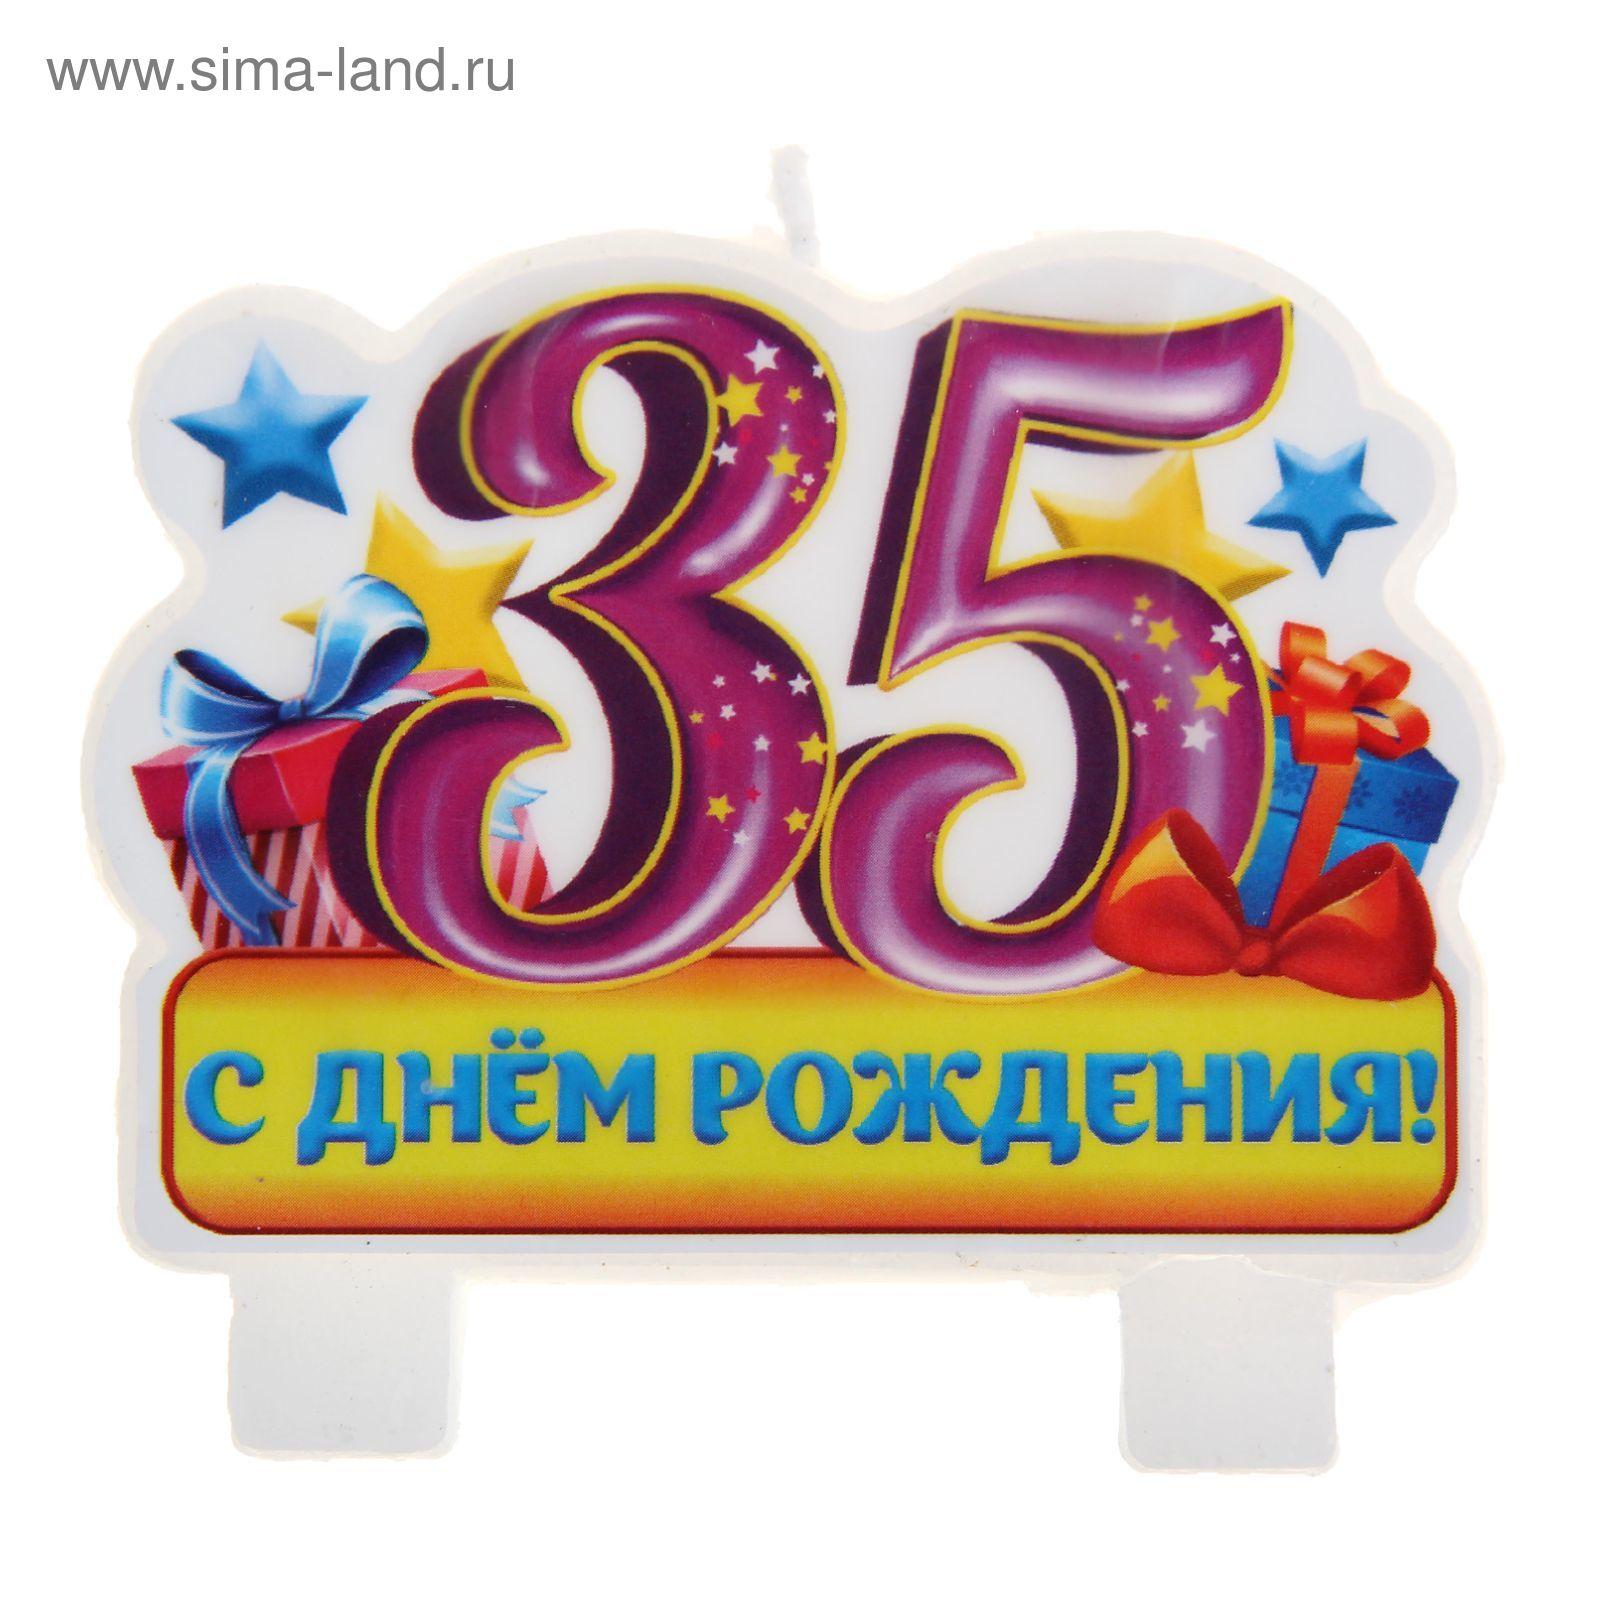 Поздравления с днем рождения зятю 35 лет в прозе фото 78